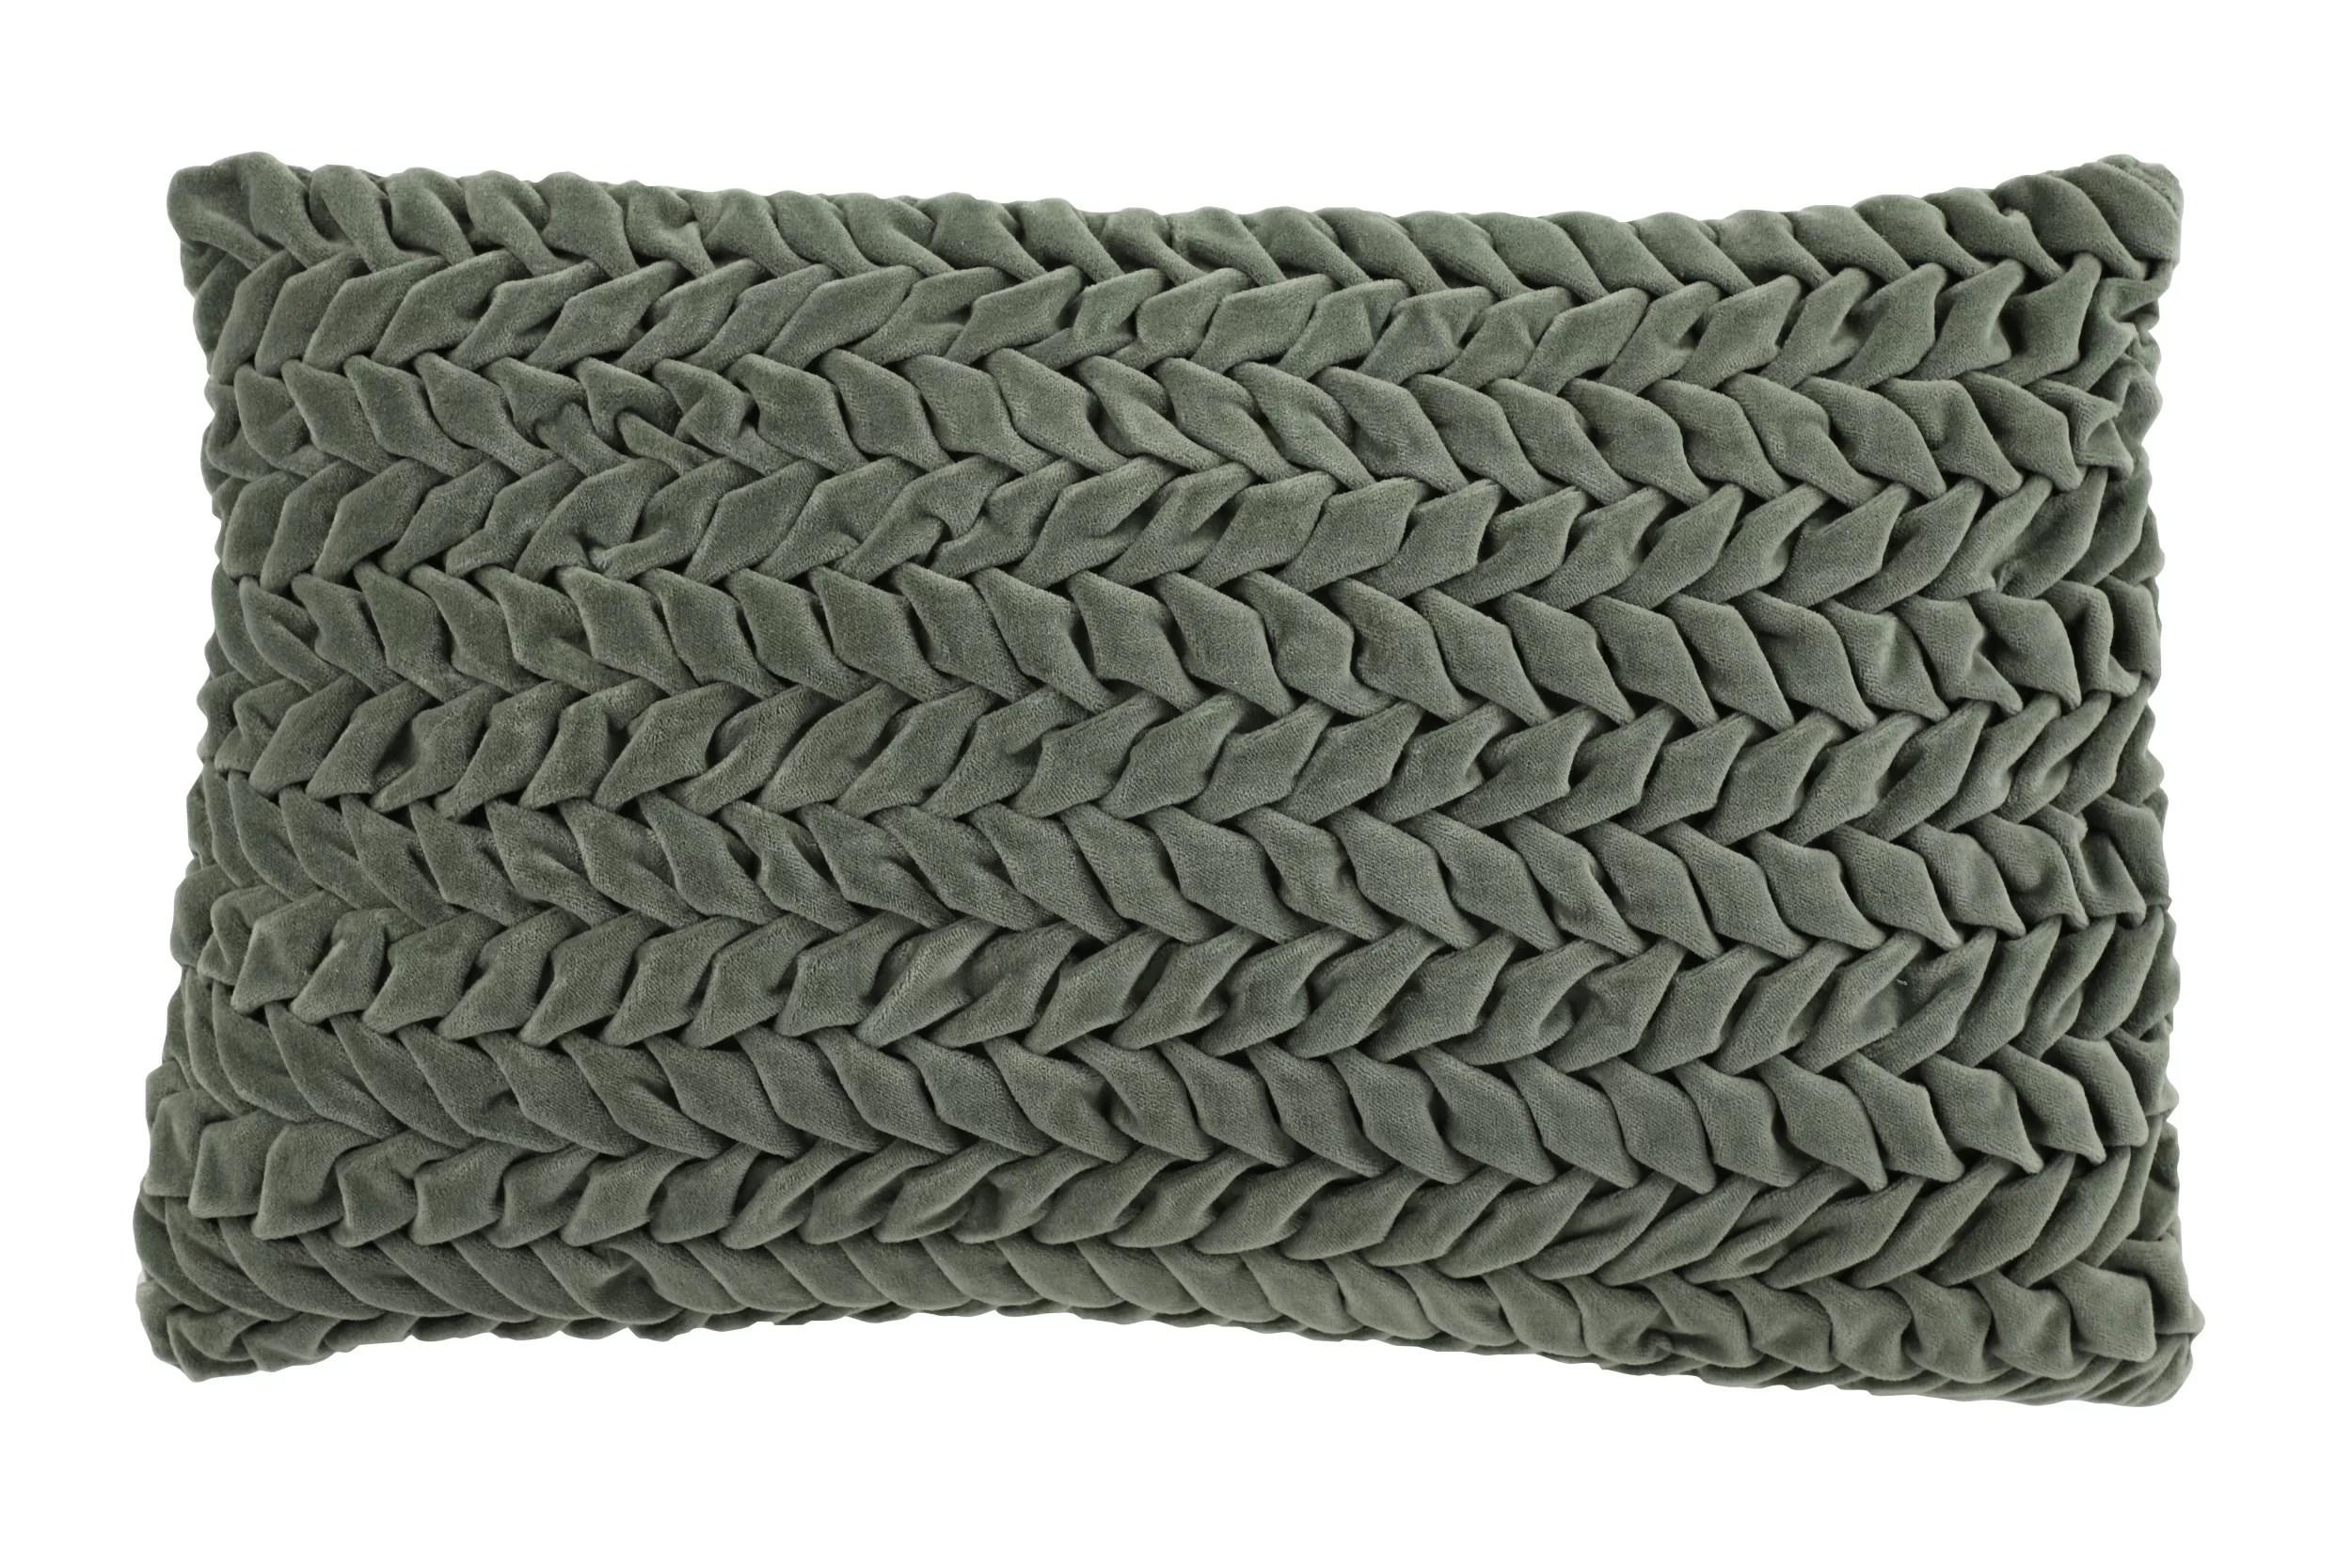 hyman rectangular decorative lumbar pillow